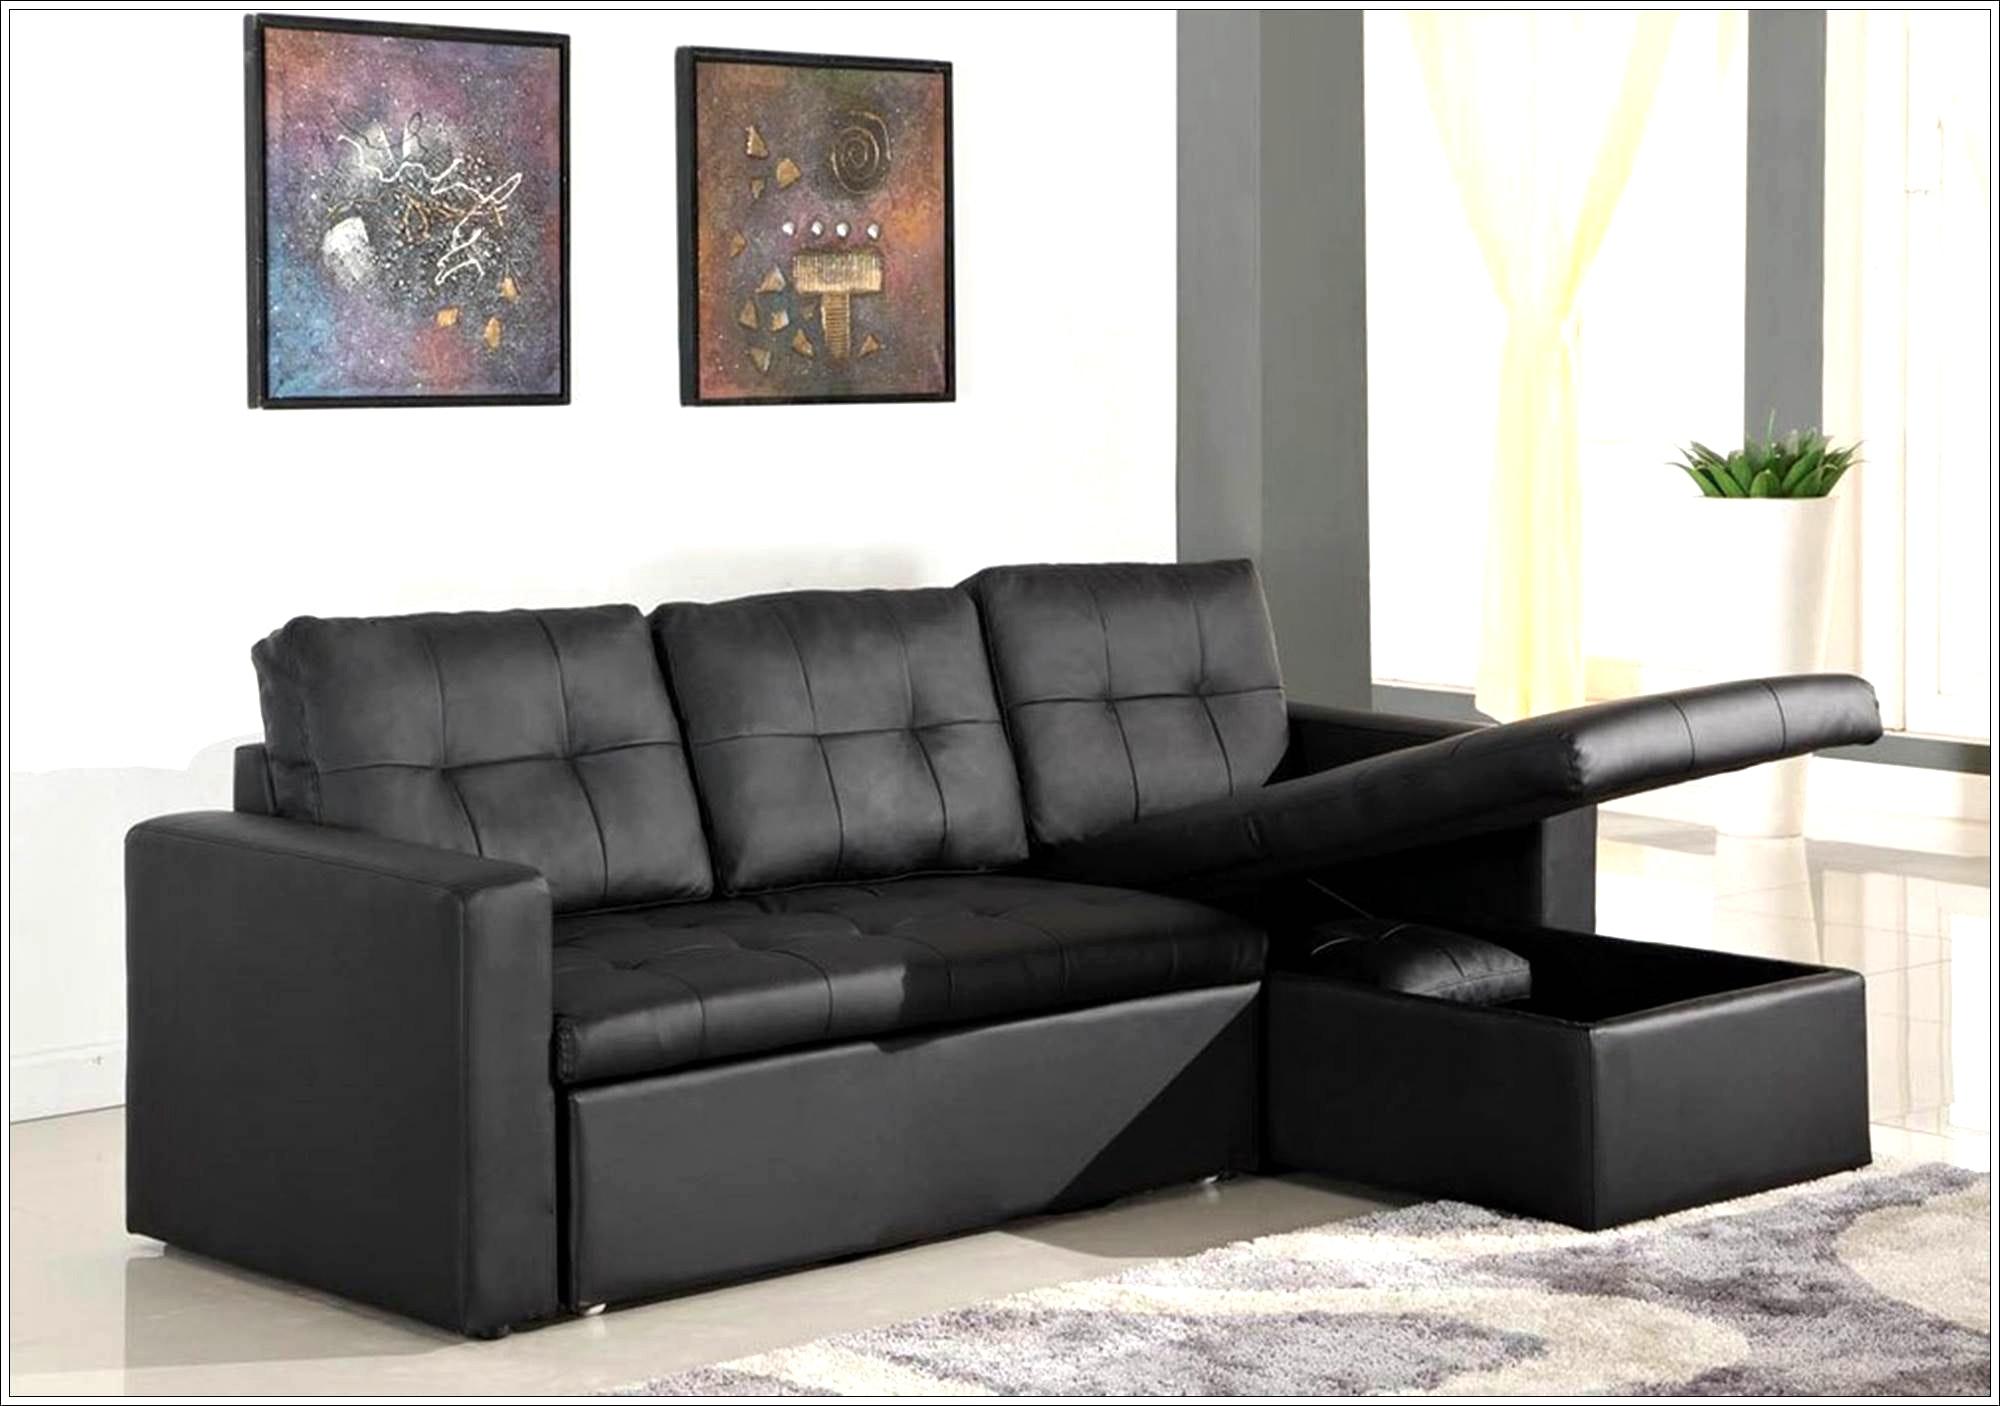 Canapé aspect Cuir Vieilli Luxe Photographie Canapé Convertible Et Fauteuil assorti Adslev